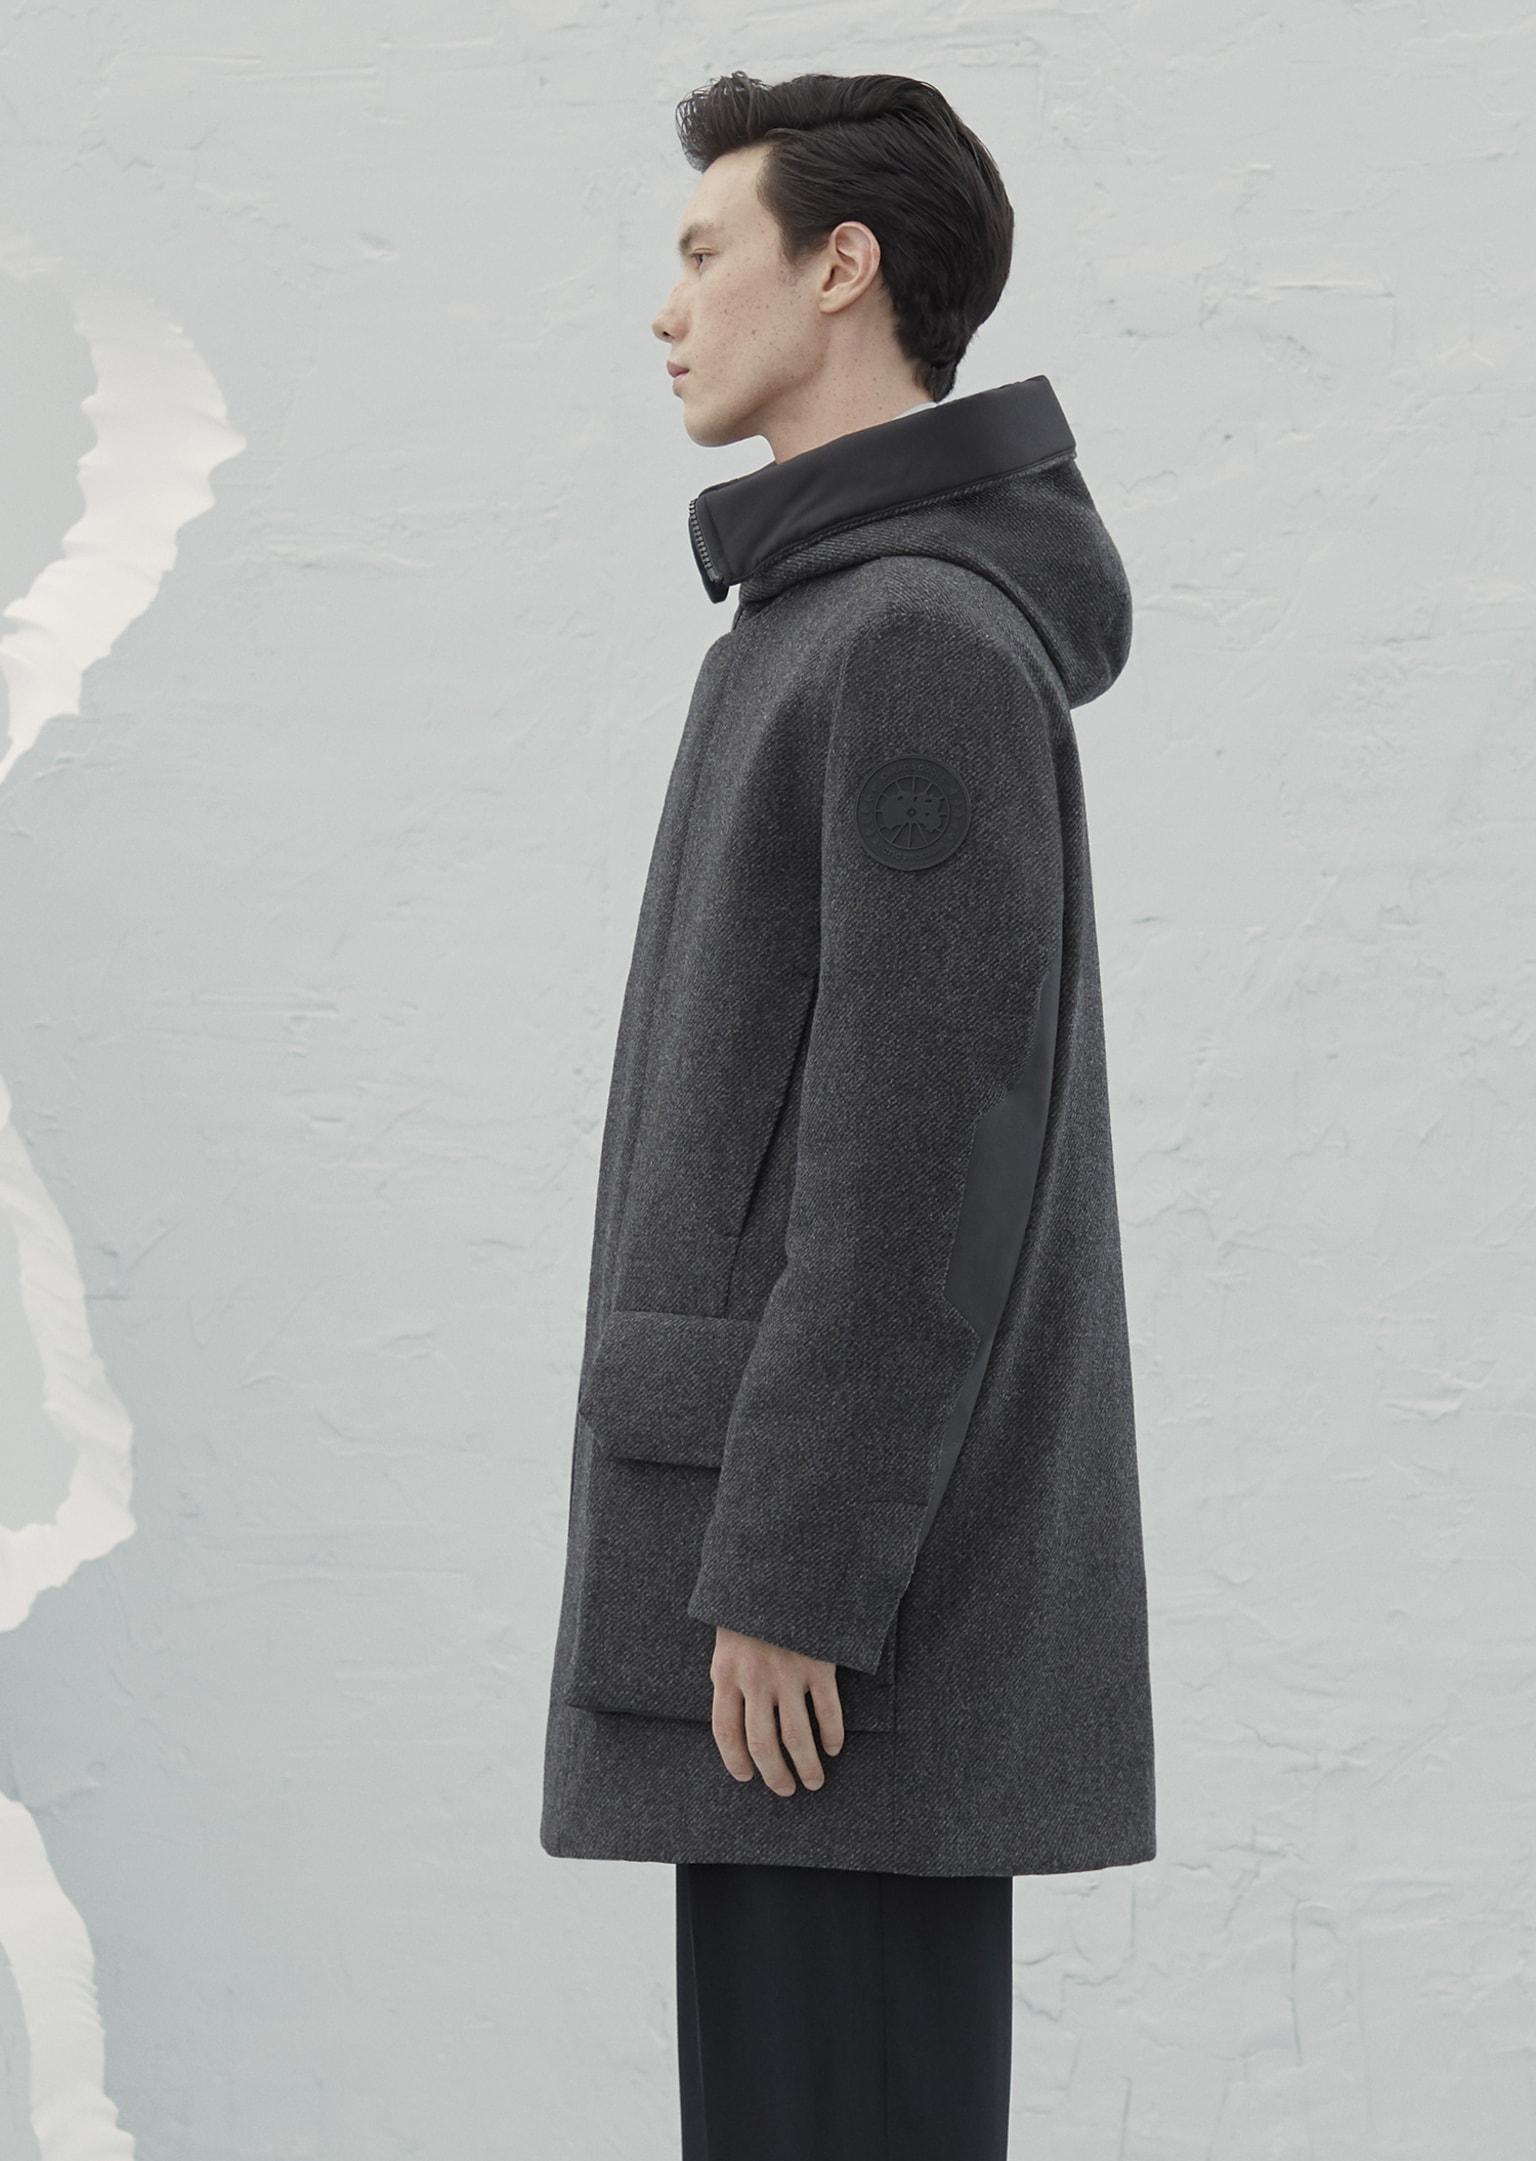 Manteau Atavist pour homme | Canada Goose